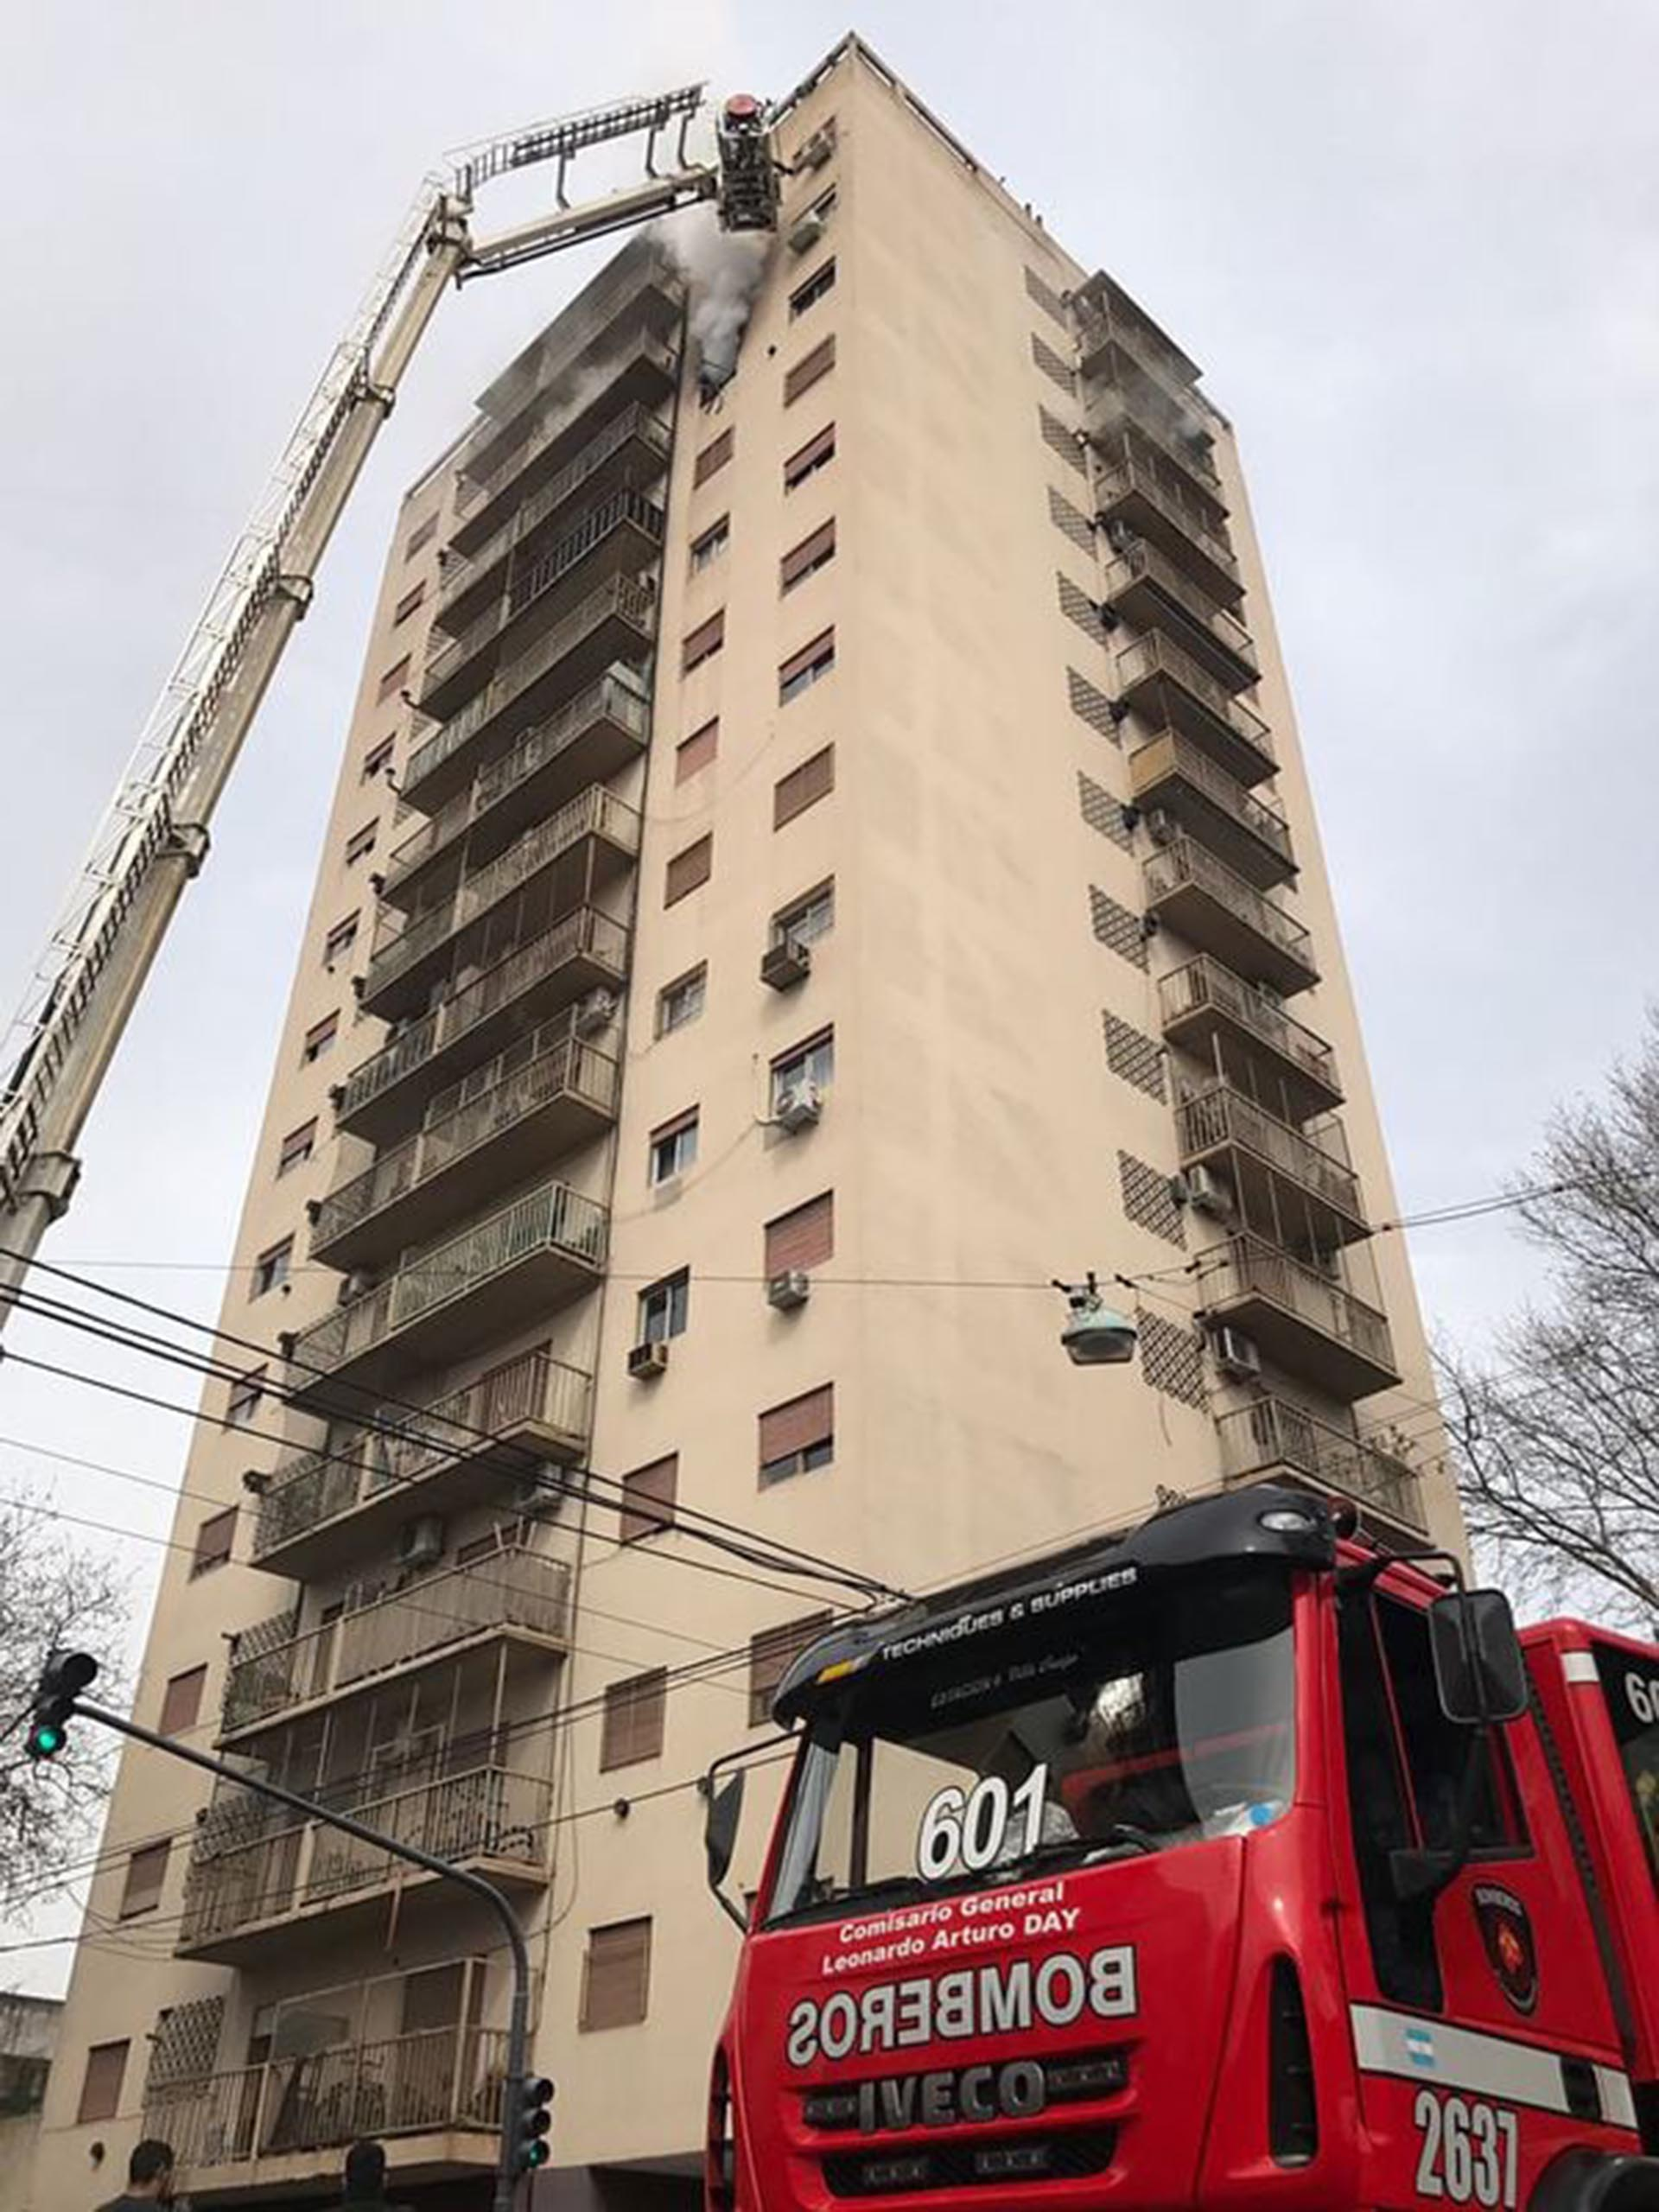 Incendio en un edificio en Palermo